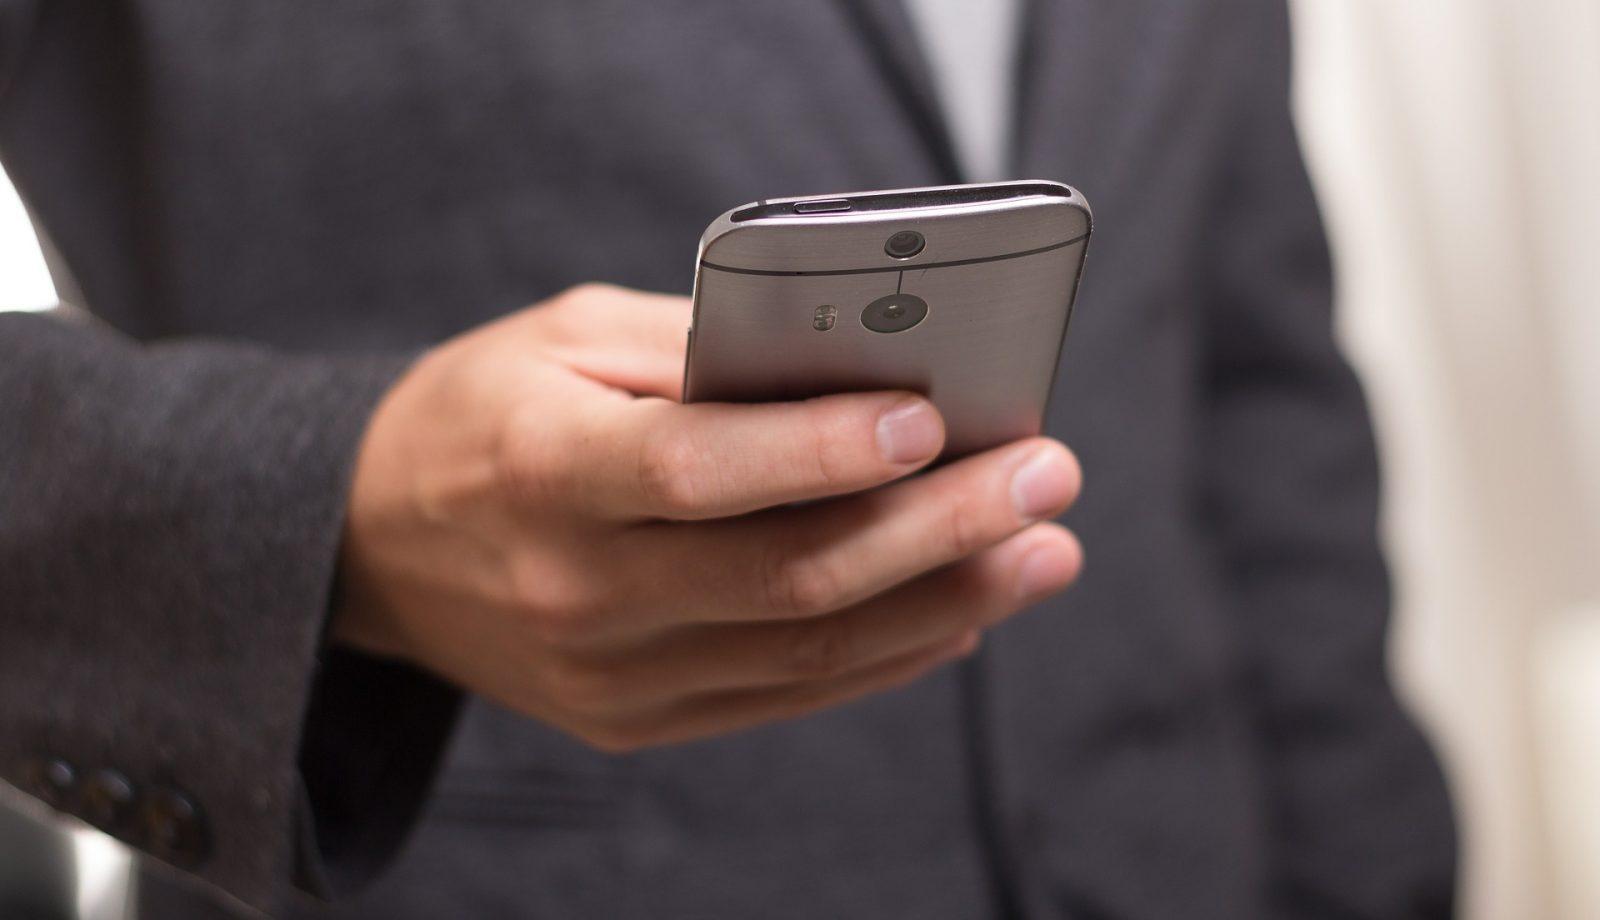 cell phone repair service ifixdallas plano